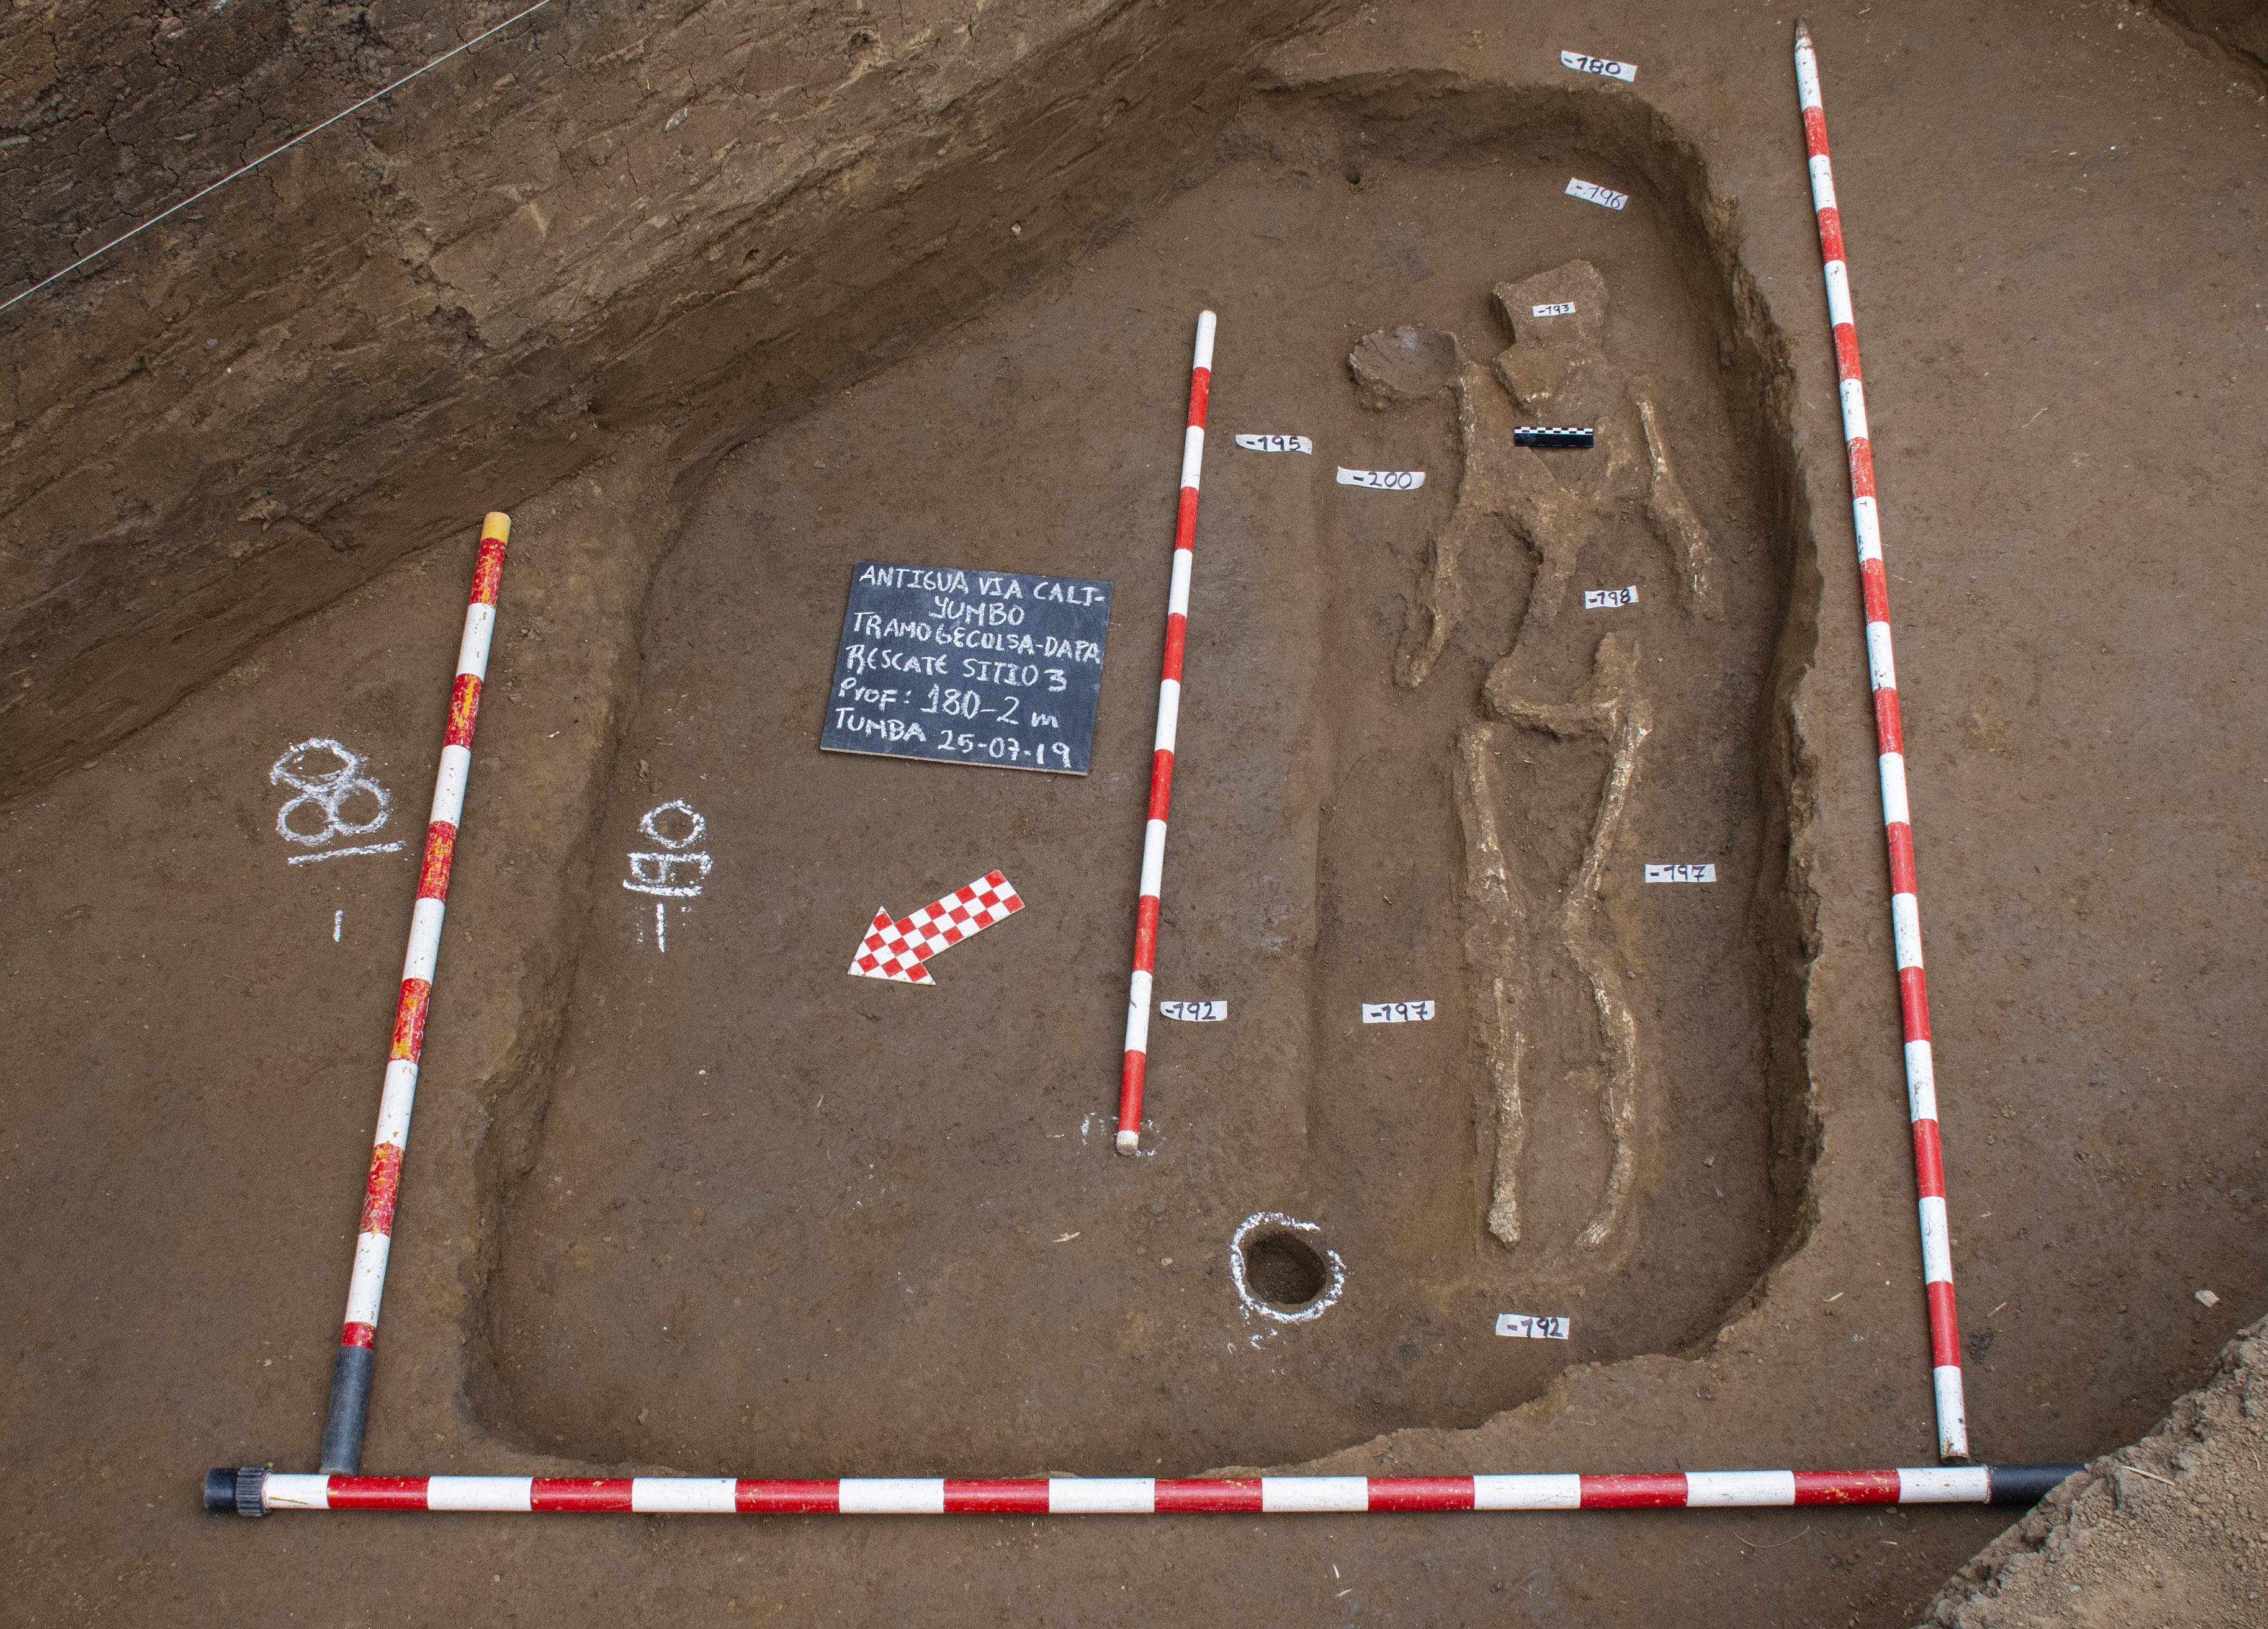 noticias-destacadas/-aparece-nueva-tumba-en-excavaciones-arqueologicas-en-la-via-cali---yumbo---crucero-dapa